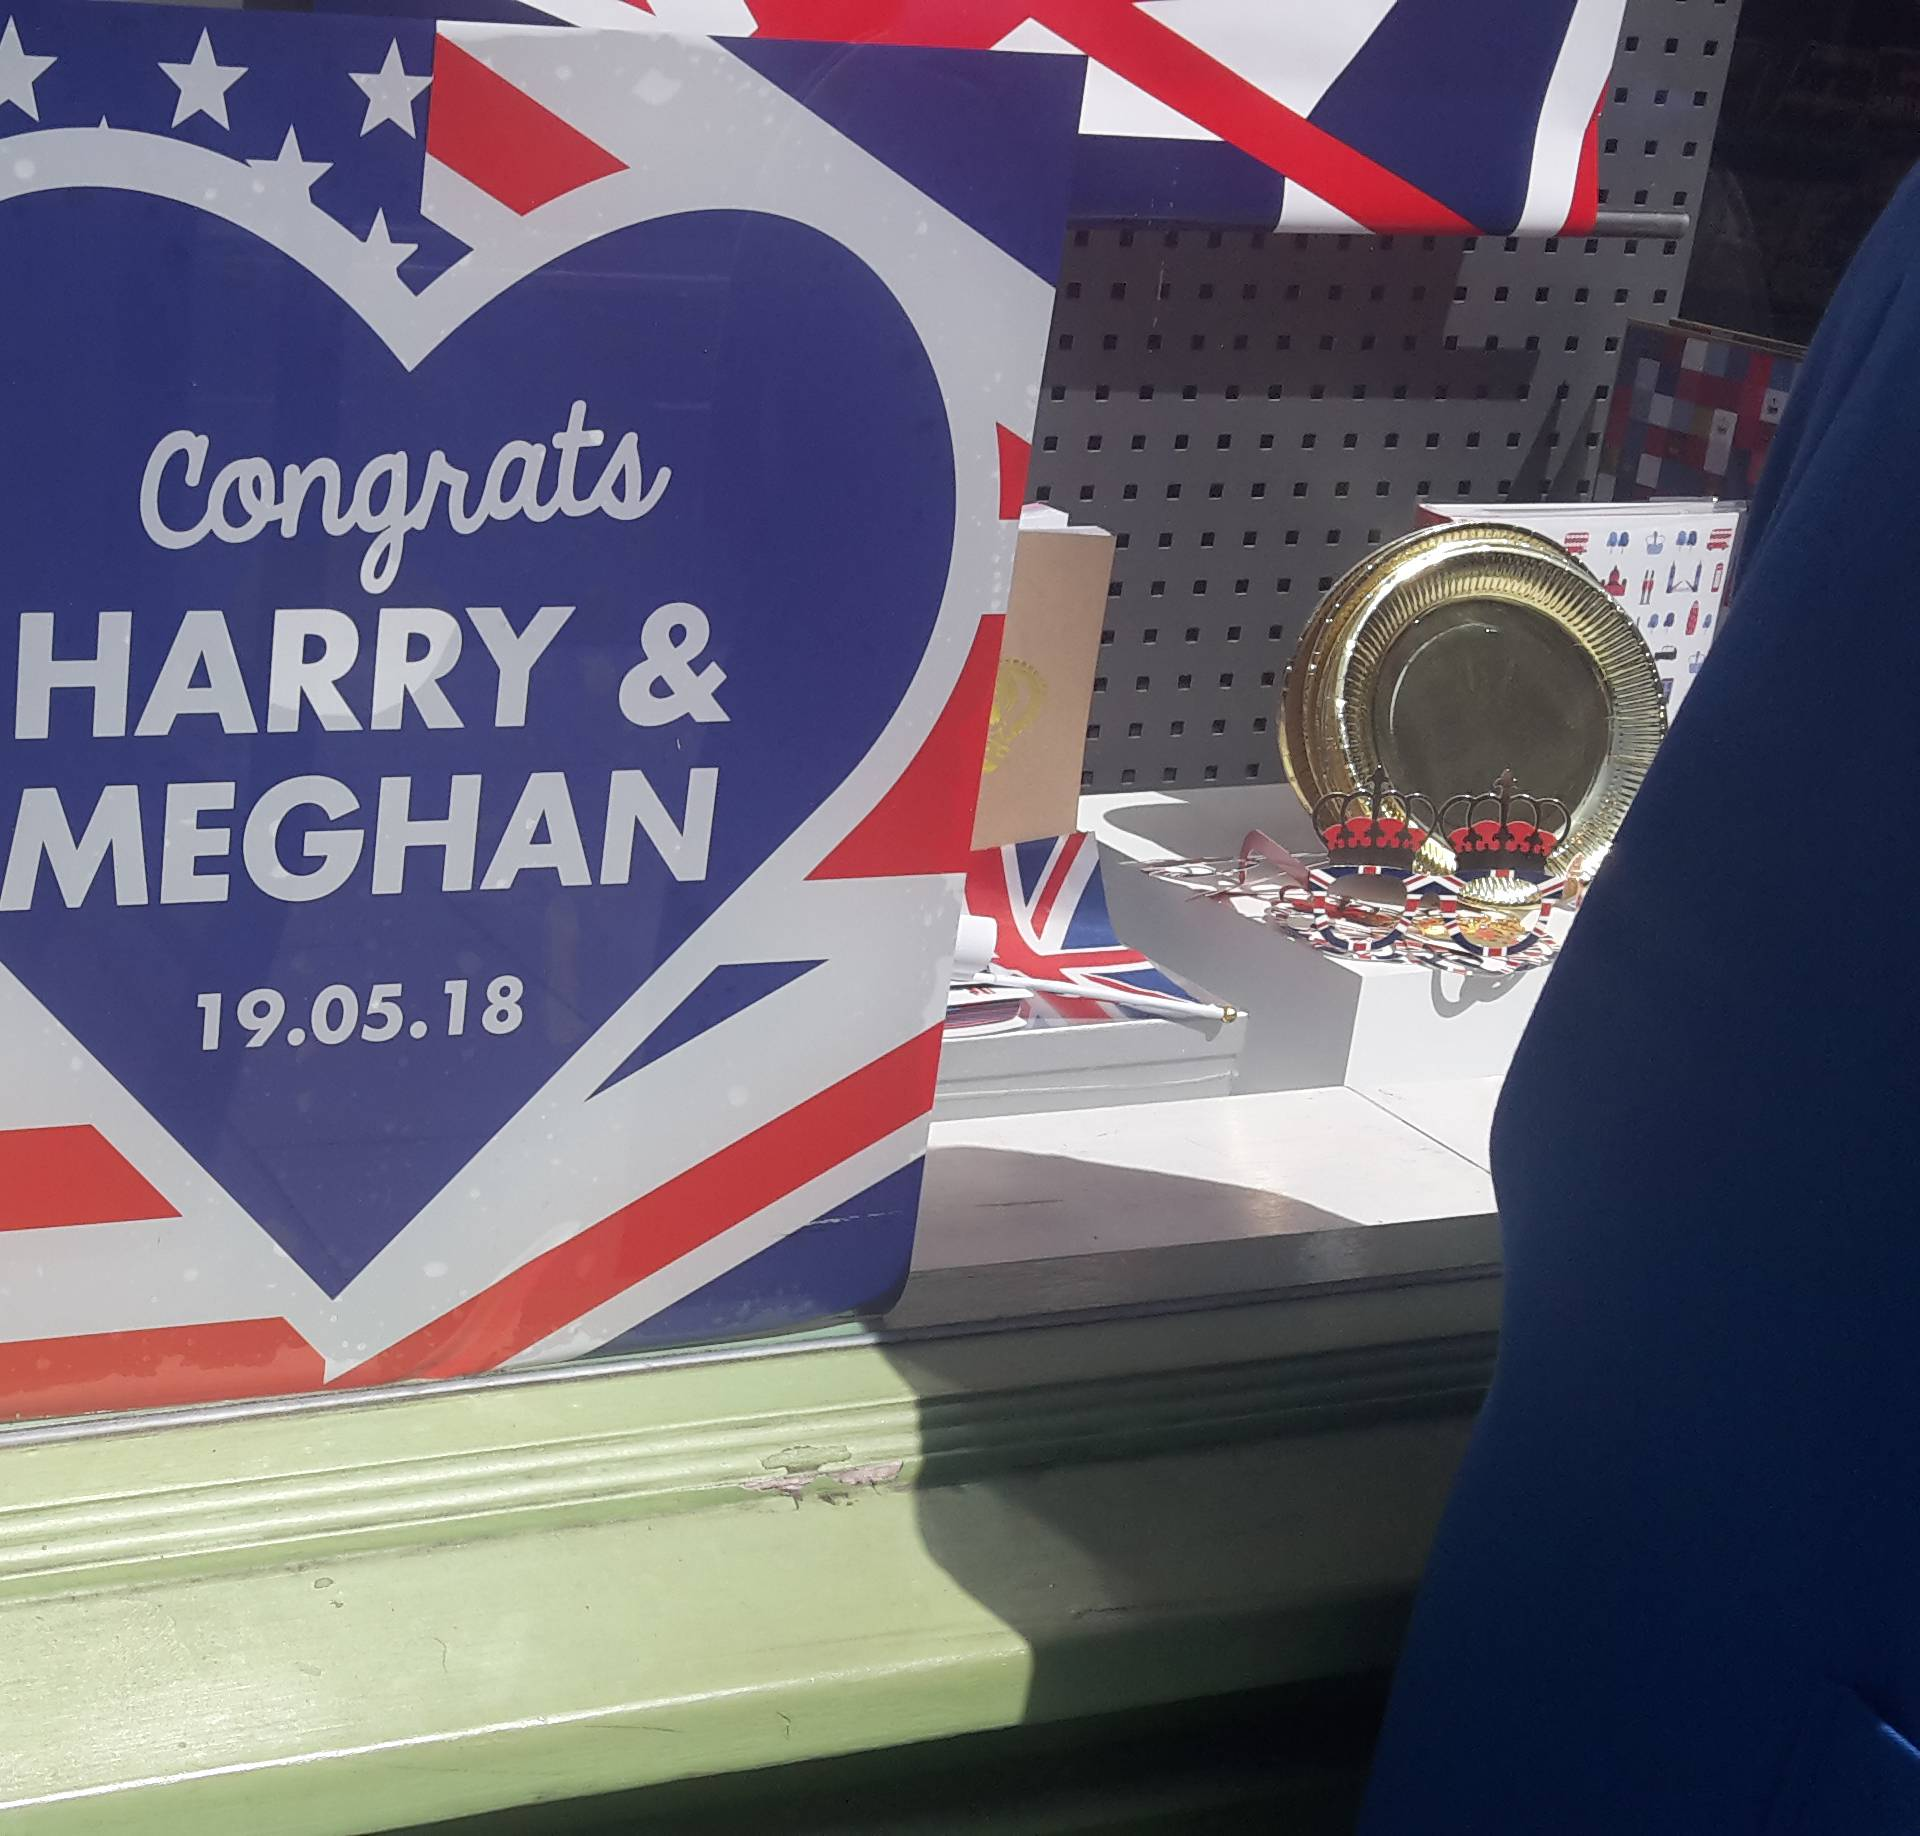 Zaprosio je replikom prstena Meghan Markle i pristala je